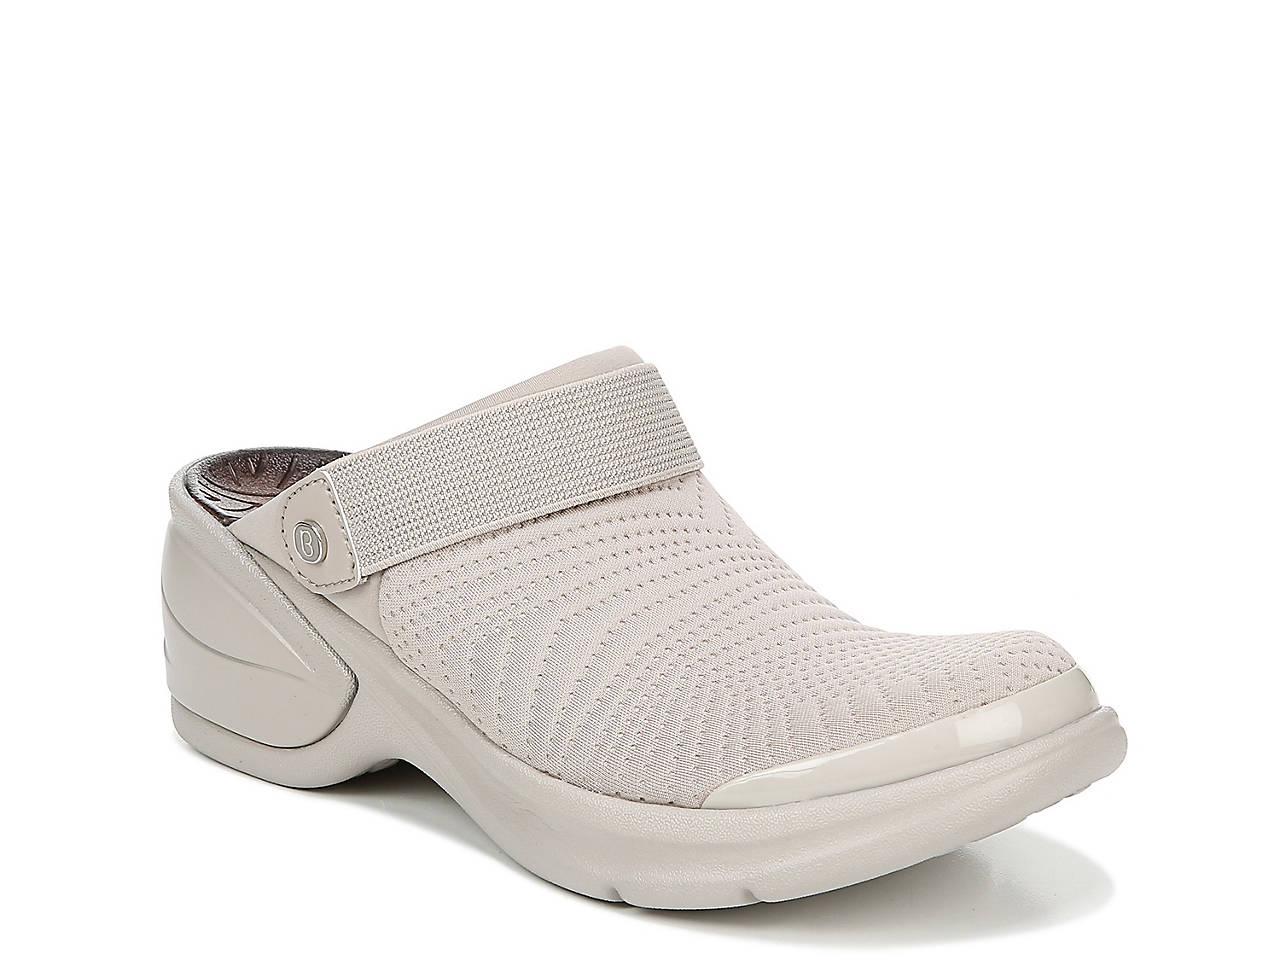 0e48e3bf942 BZees Kitty Clog Women s Shoes